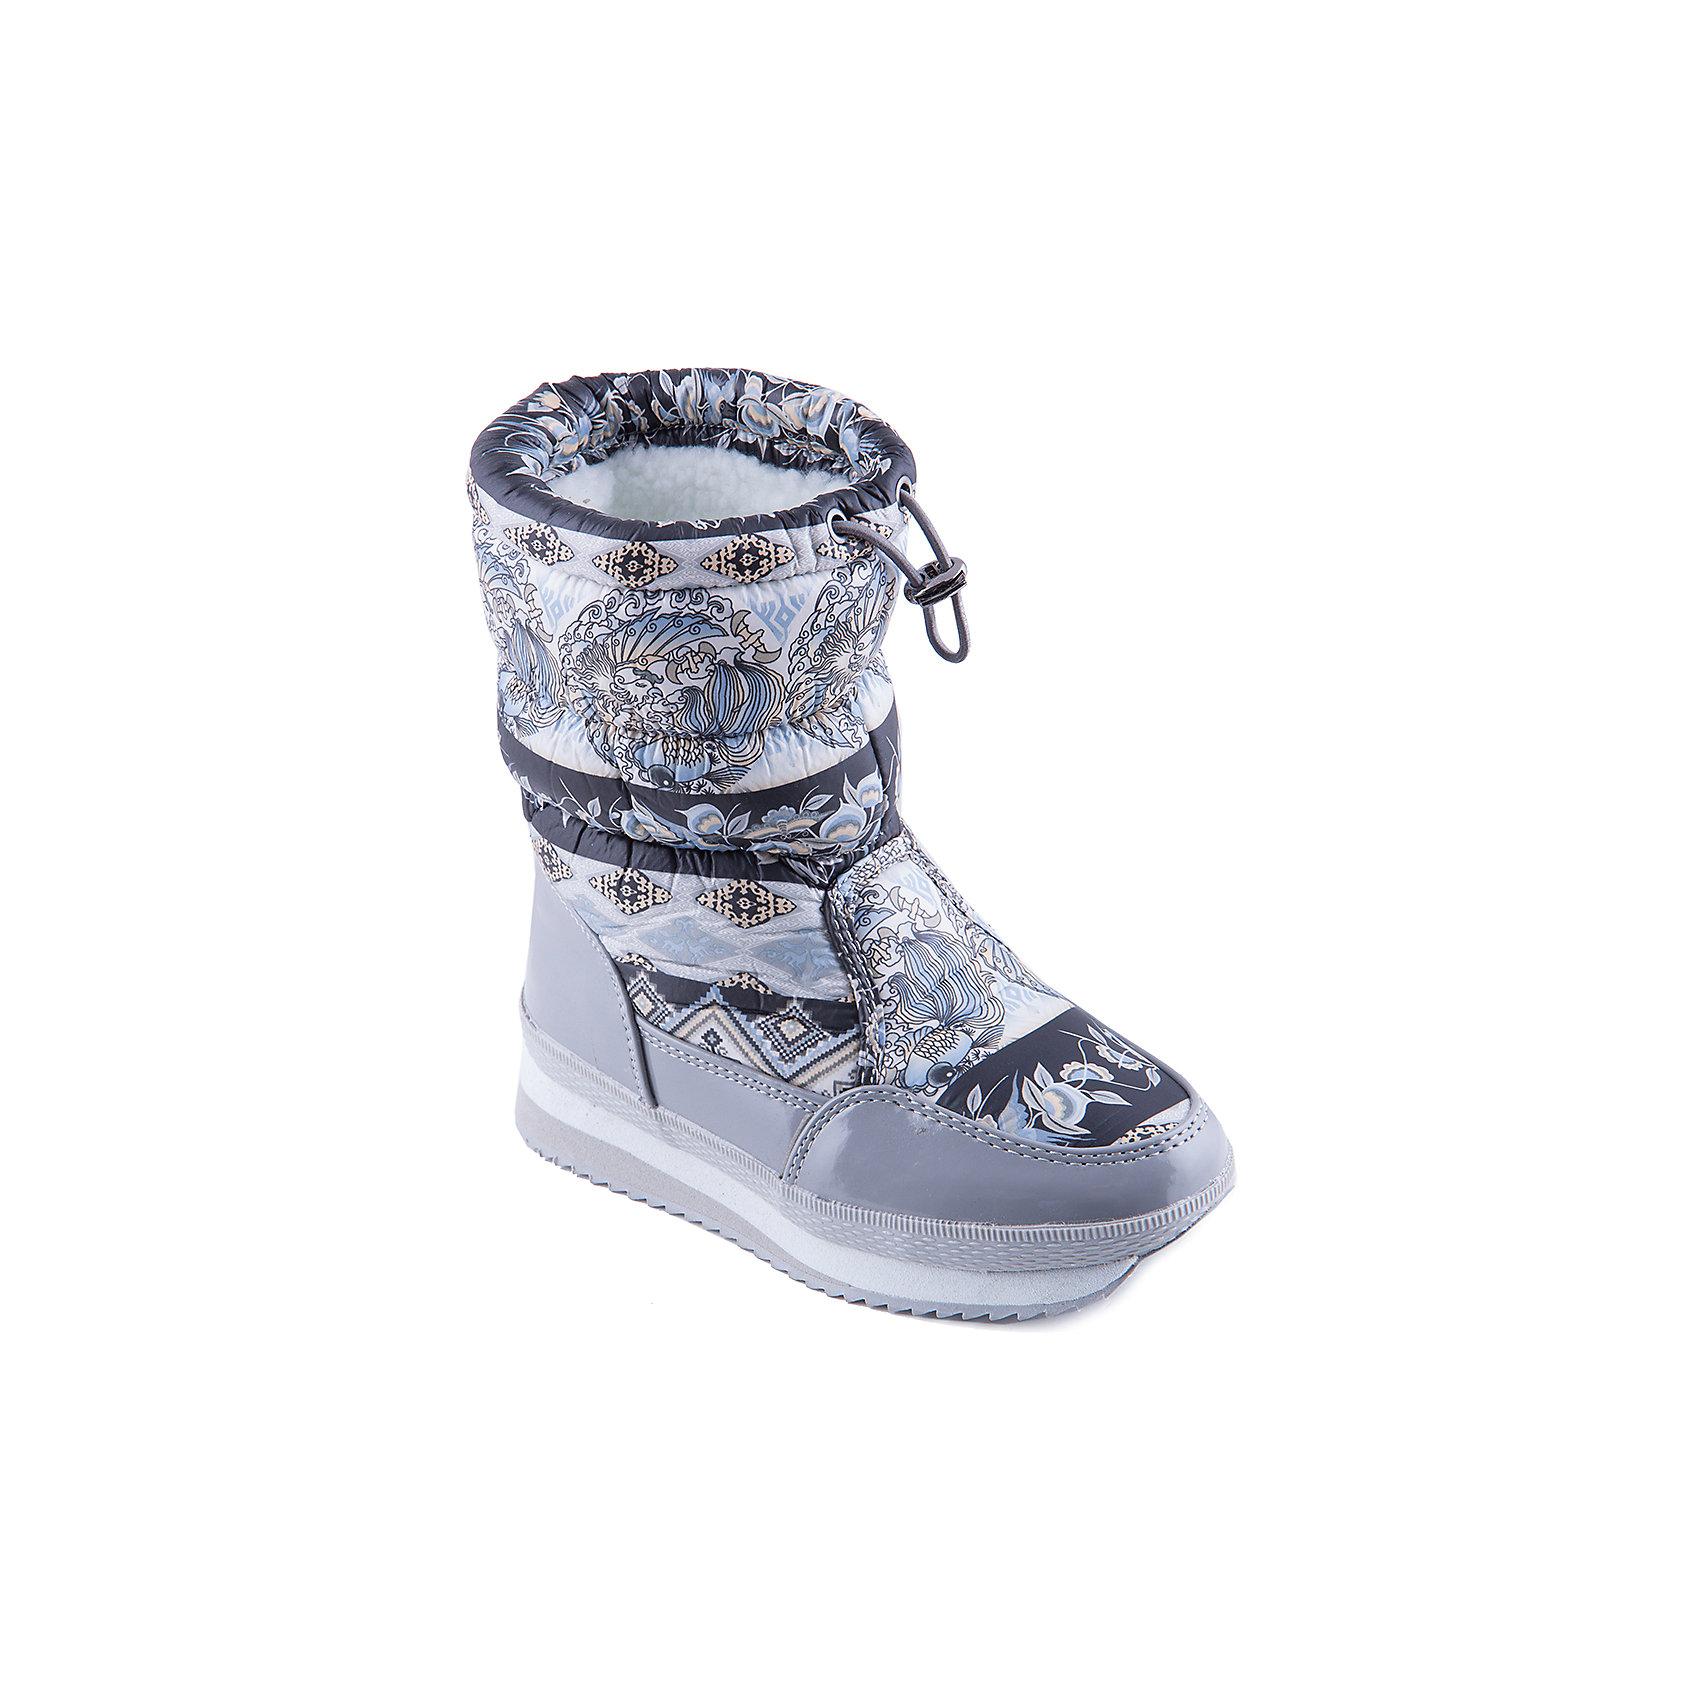 Дутики для девочки MursuДутики<br>Стильные сапоги от известного бренда MURSU порадуют всех юных модниц. Модель имеет толстую подошву, отлично защищающую ноги от холода, выполнена из высококачественных материалов, очень хорошо смотрится на ноге. Прекрасный вариант на холодную погоду. <br><br>Дополнительная информация:<br><br>- Сезон: зима/осень.<br>- Тепловой режим: от -5? до -25? <br>- Цвет: серый, белый. <br>- Рифленая подошва.<br>- Тип застежки: утяжка. <br><br>Состав:<br>- Материал верха: текстиль/ искусственная замша.<br>- Материал подкладки: искусственная шерсть.<br>- Материал подошвы: TEP.<br>- Материал стельки: искусственная шерсть.<br><br>Сапоги для девочки MURSU (Мурсу) можно купить в нашем магазине.<br><br>Ширина мм: 257<br>Глубина мм: 180<br>Высота мм: 130<br>Вес г: 420<br>Цвет: серый<br>Возраст от месяцев: 96<br>Возраст до месяцев: 108<br>Пол: Женский<br>Возраст: Детский<br>Размер: 32,37,36,34,33,35<br>SKU: 4202582